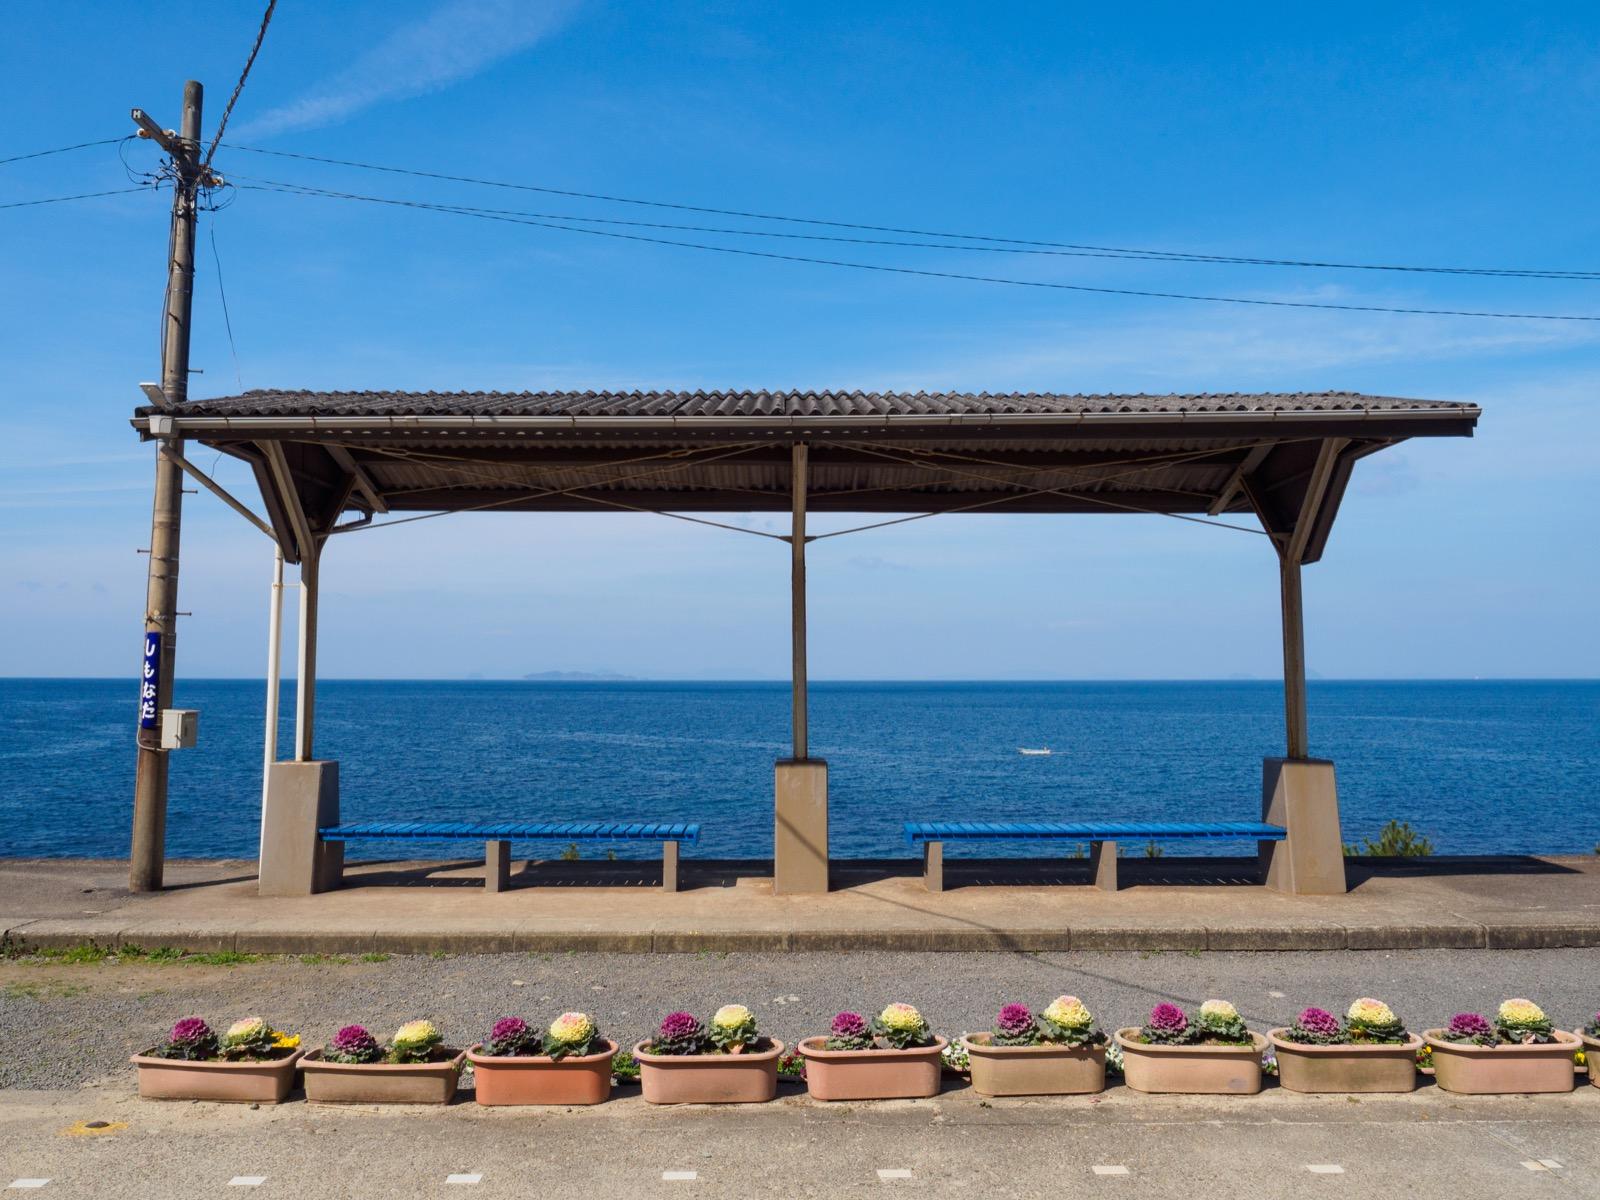 下灘駅のホームと伊予灘